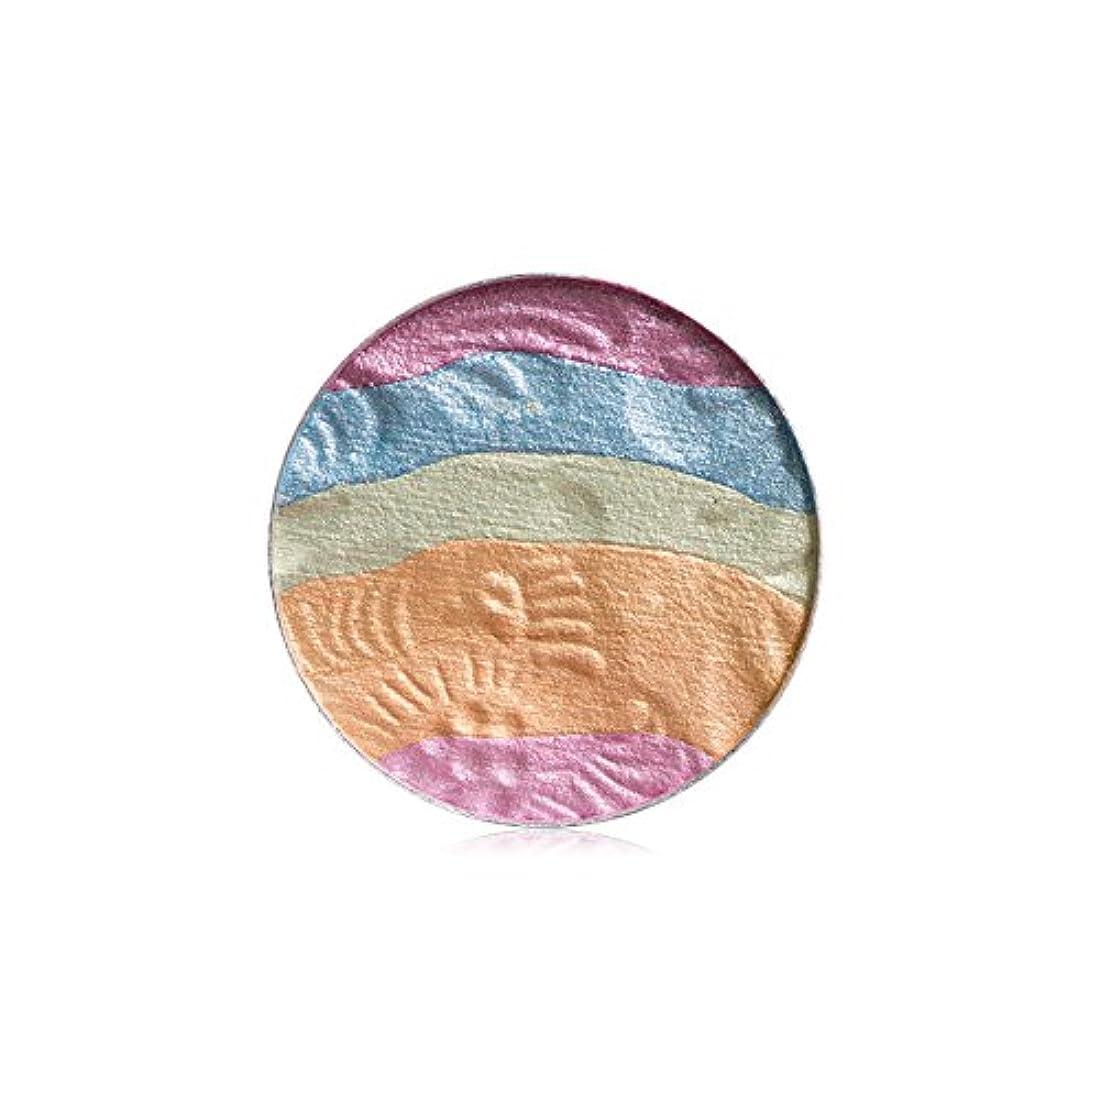 生産性考古学的な適性自然な専門のアイシャドウの粉の虹のきらめきの構造の美の影